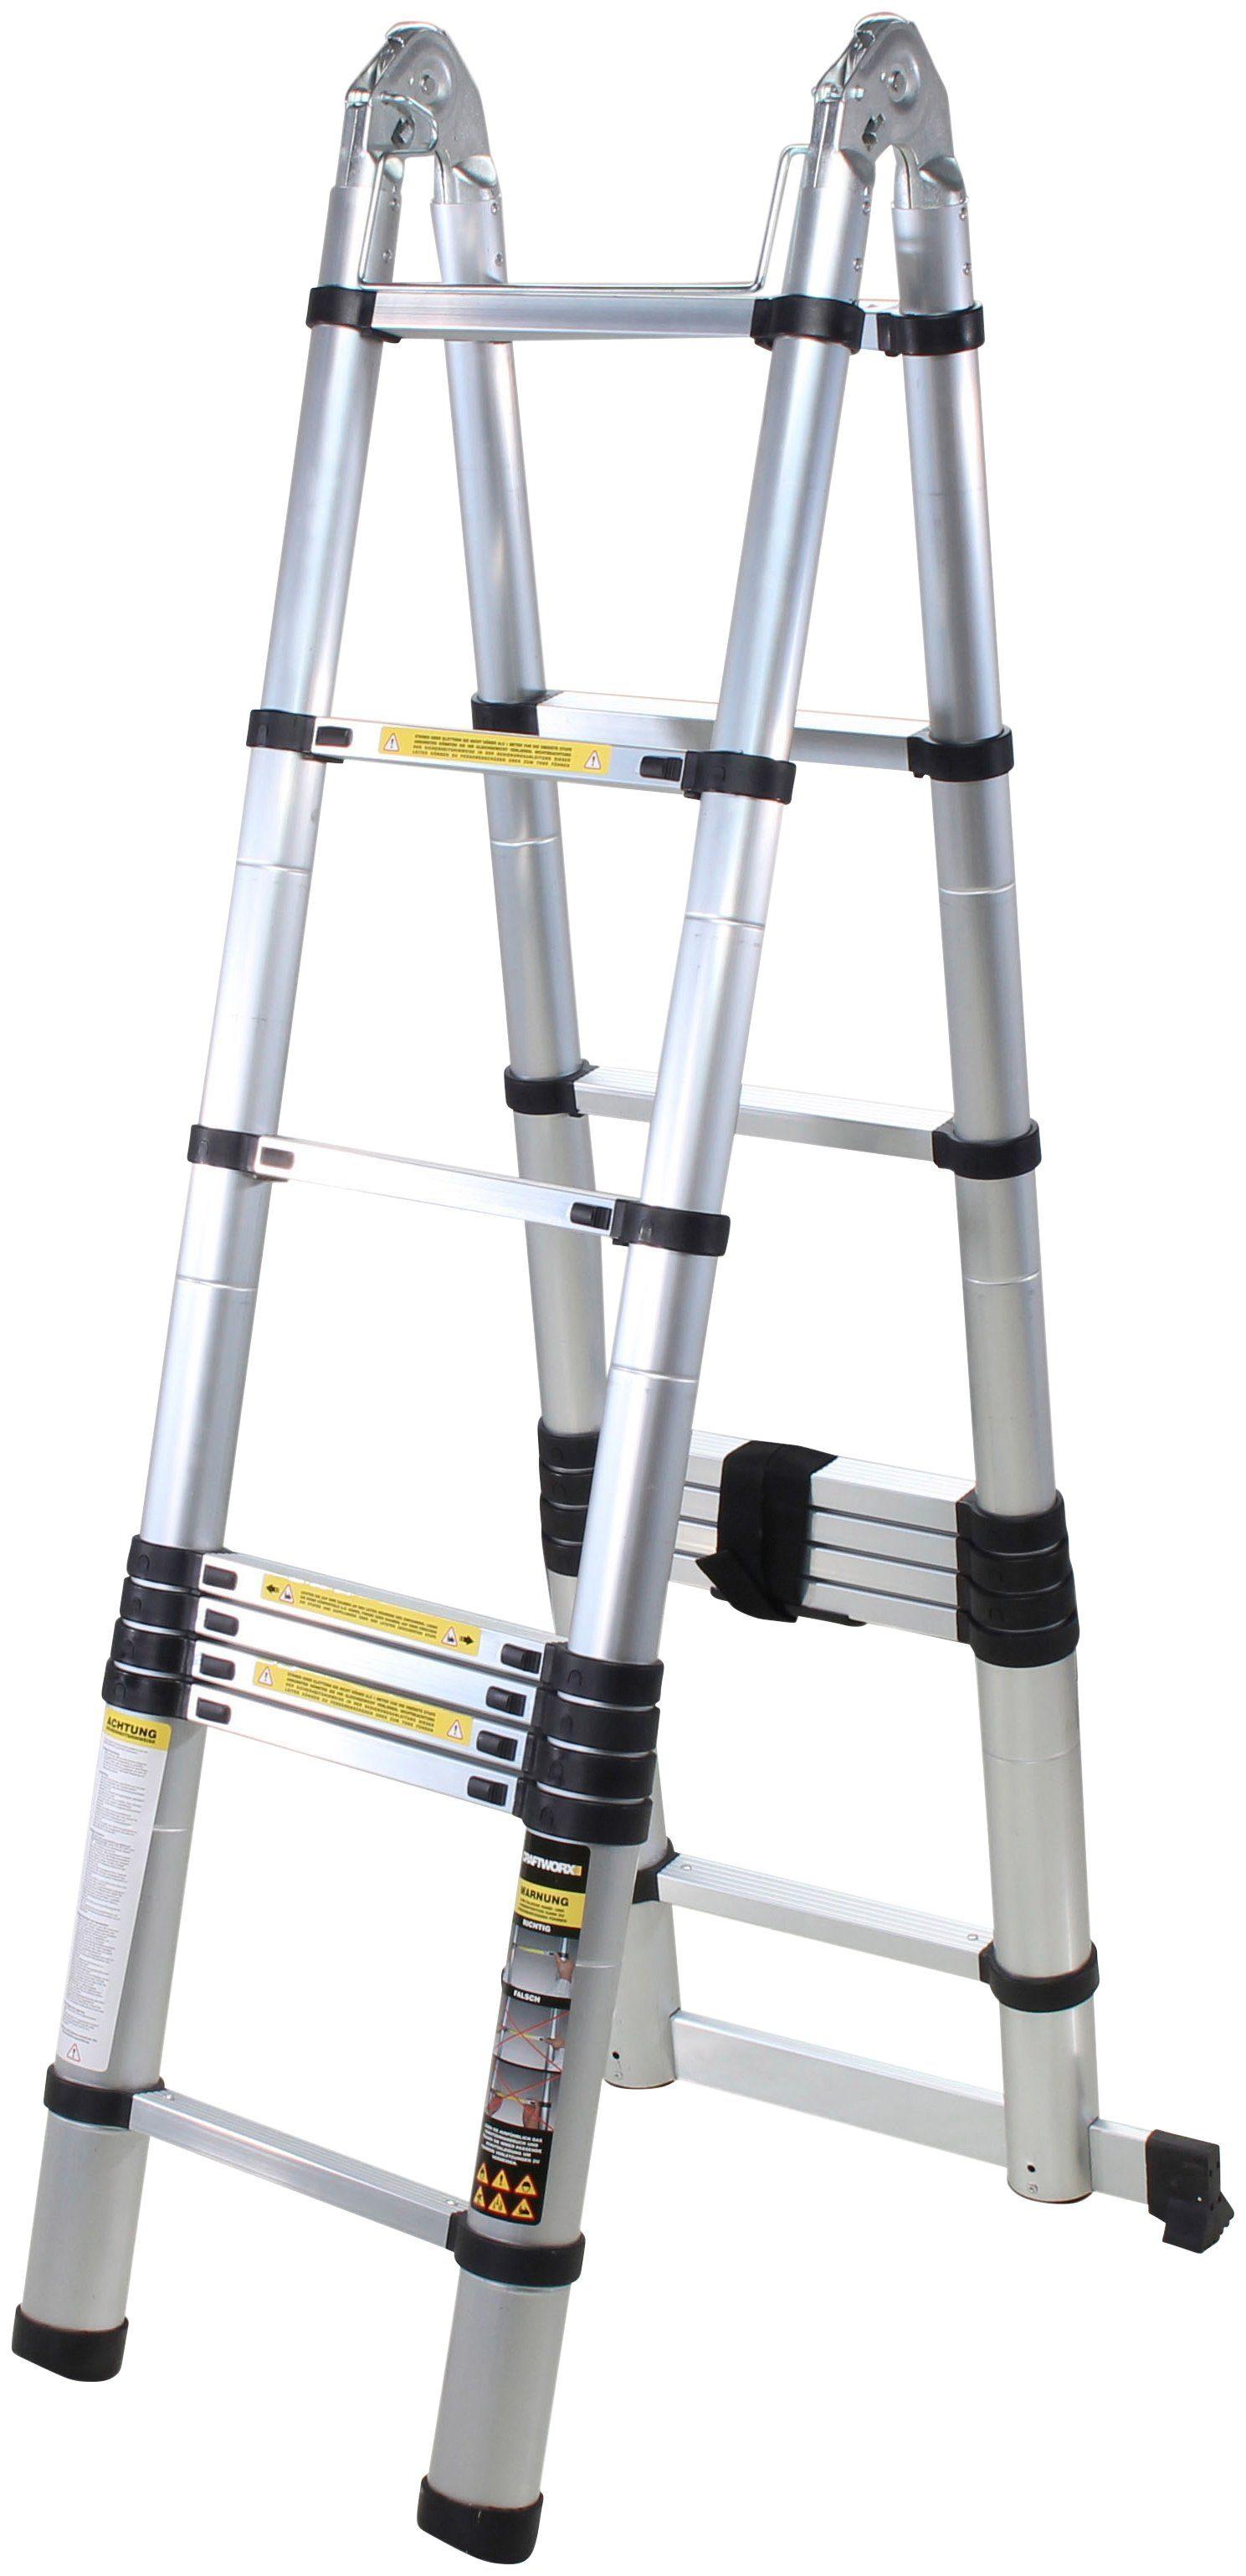 Kraft Werkzeuge Aluminium Teleskopleiter Stehleiter Anlegeleiter 3,3m Leiter